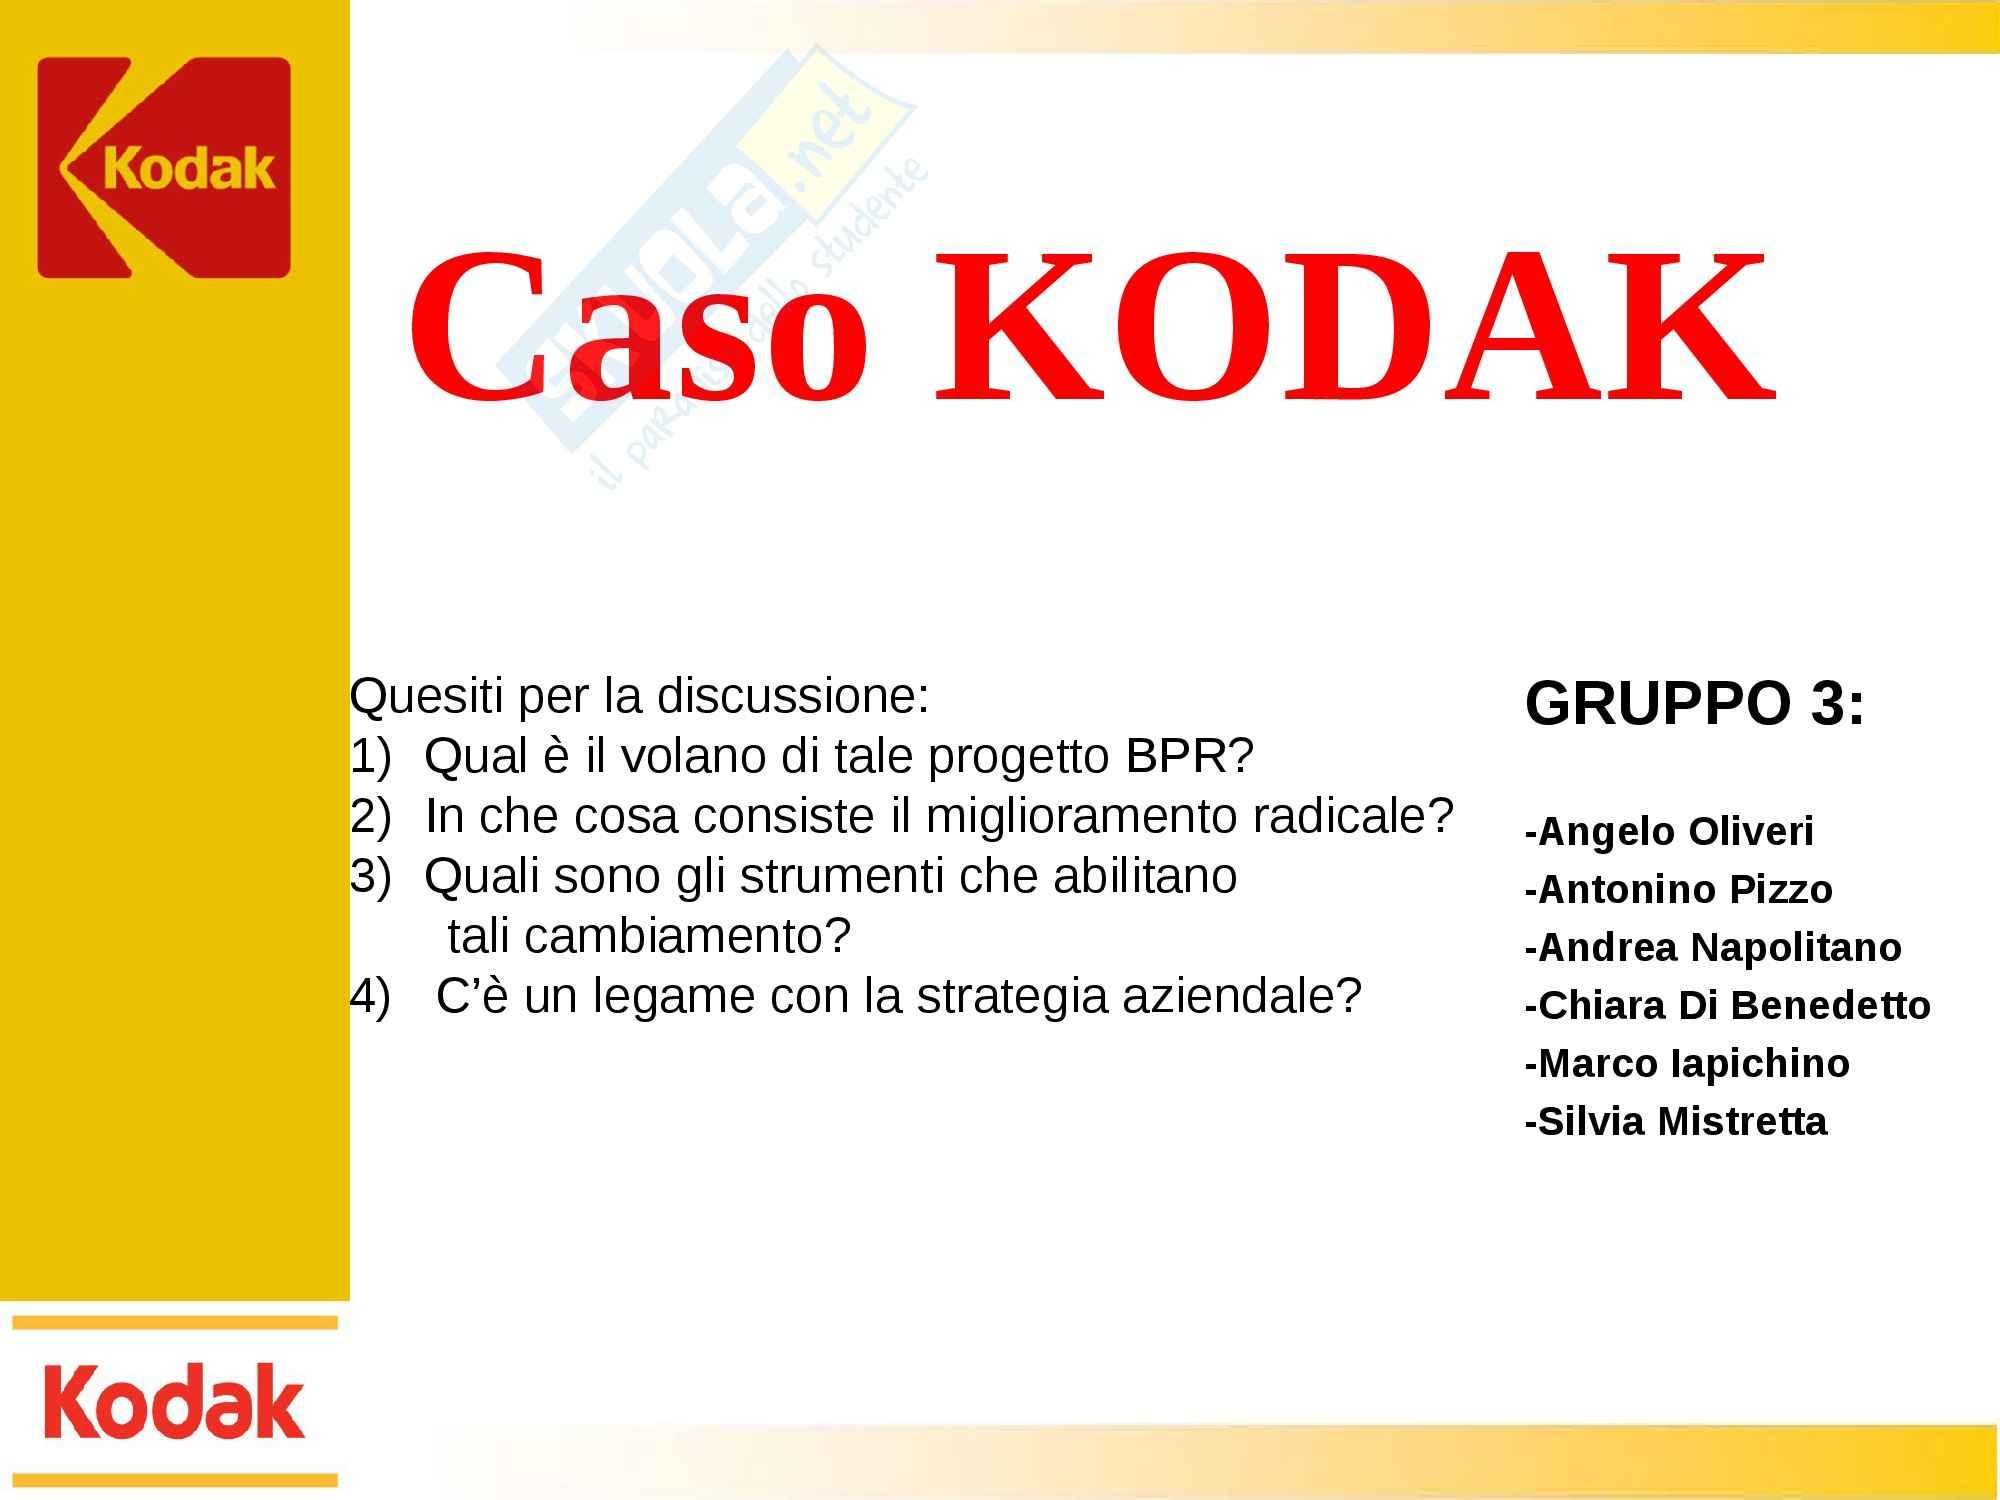 Organizzazione aziendale e gestione dei processi - caso Kodak